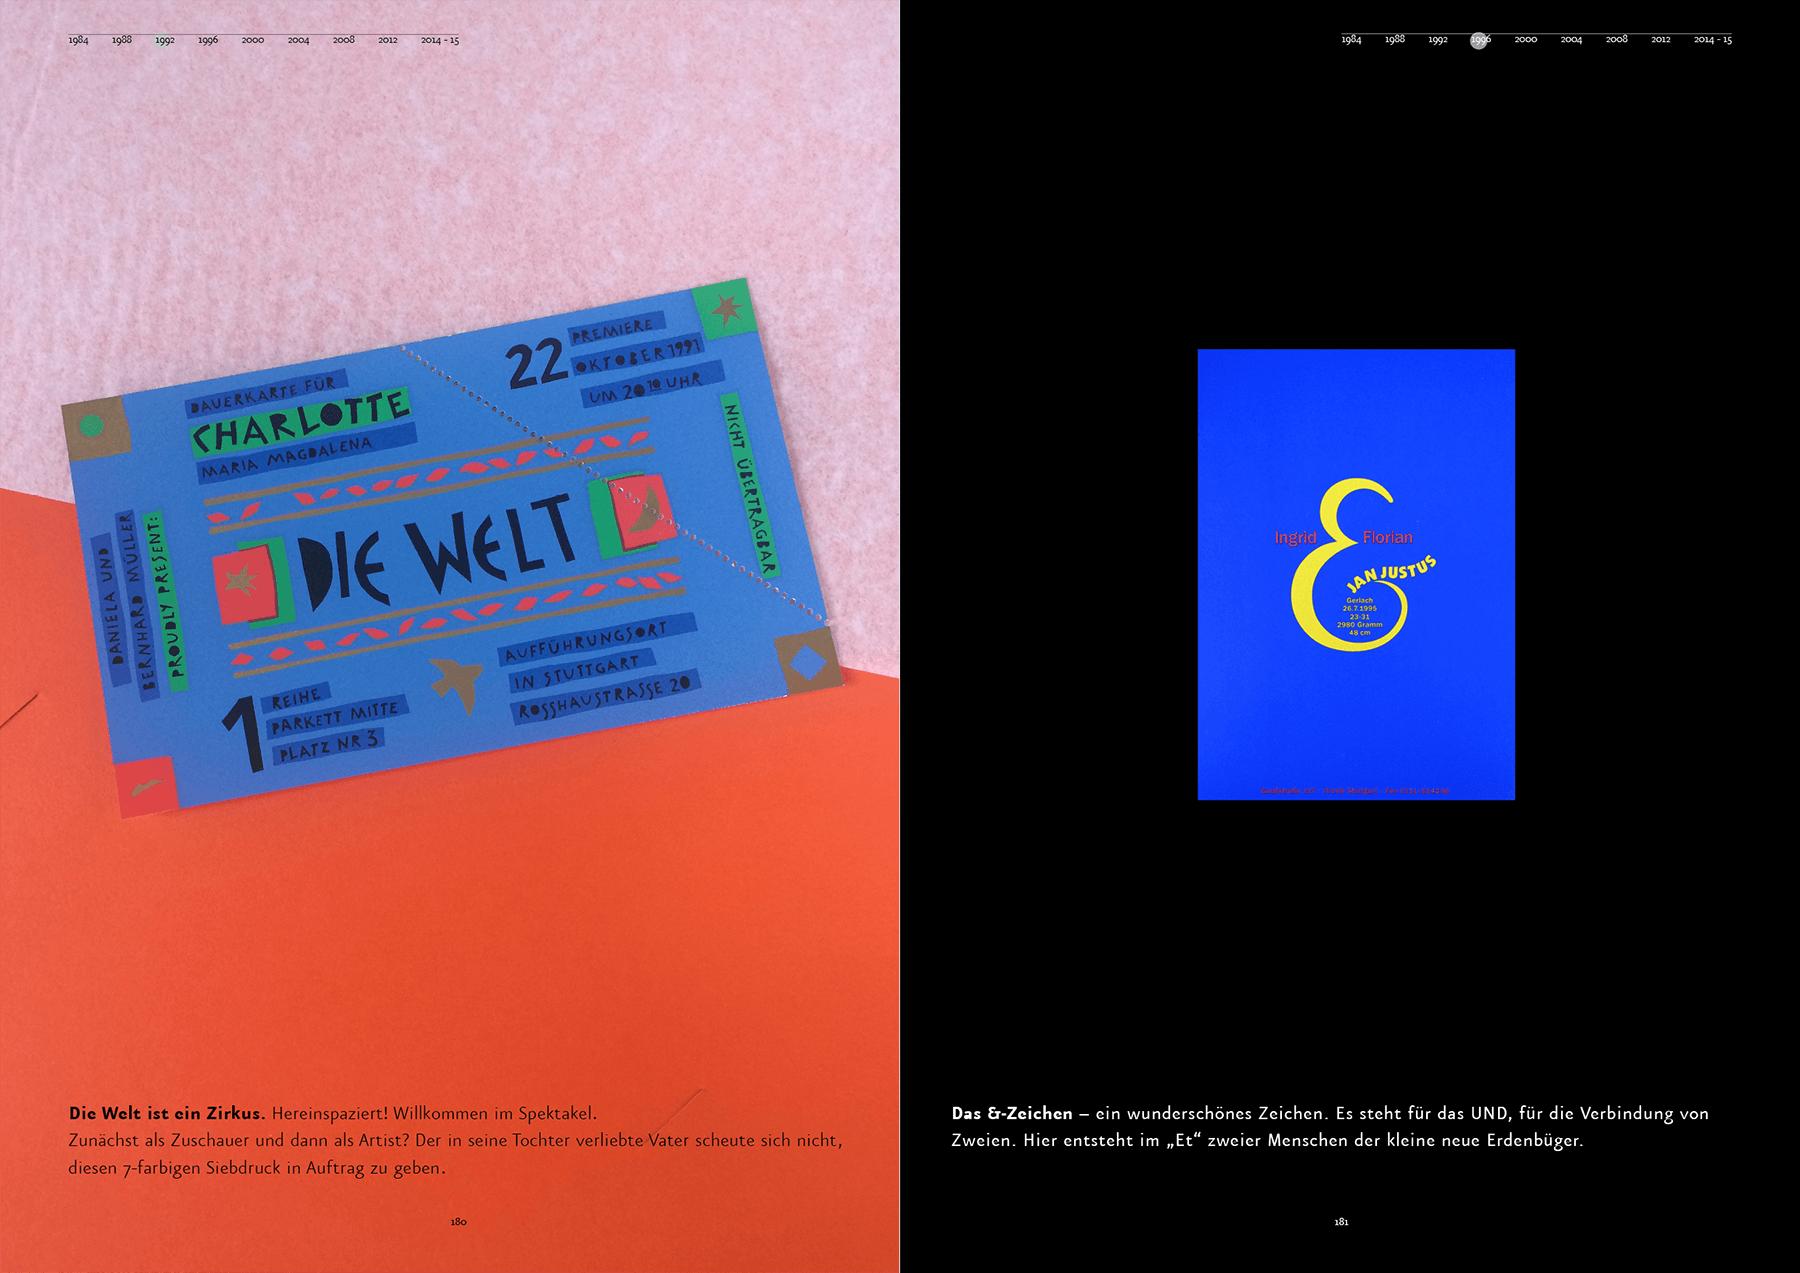 sabine-mescher-sichtung-designbilderbuch-71.png